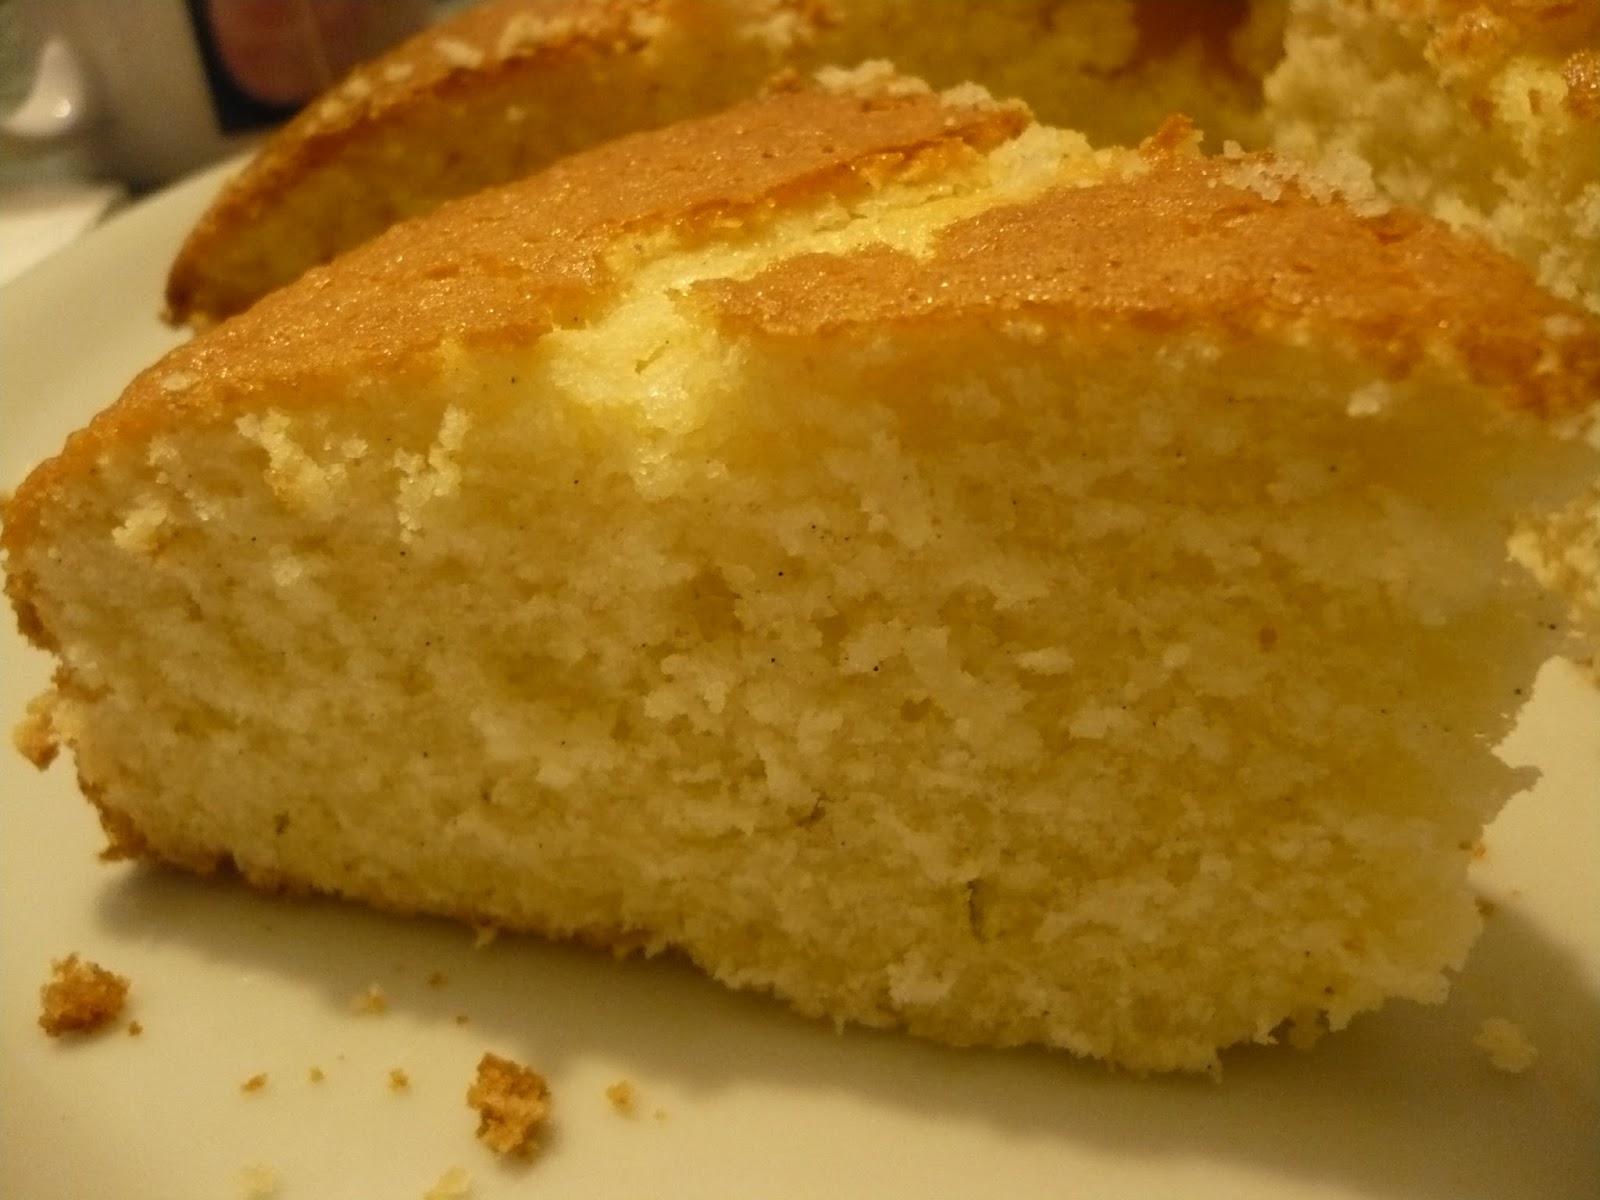 Gâteau au yaourt simple : des souvenirs de mon enfance